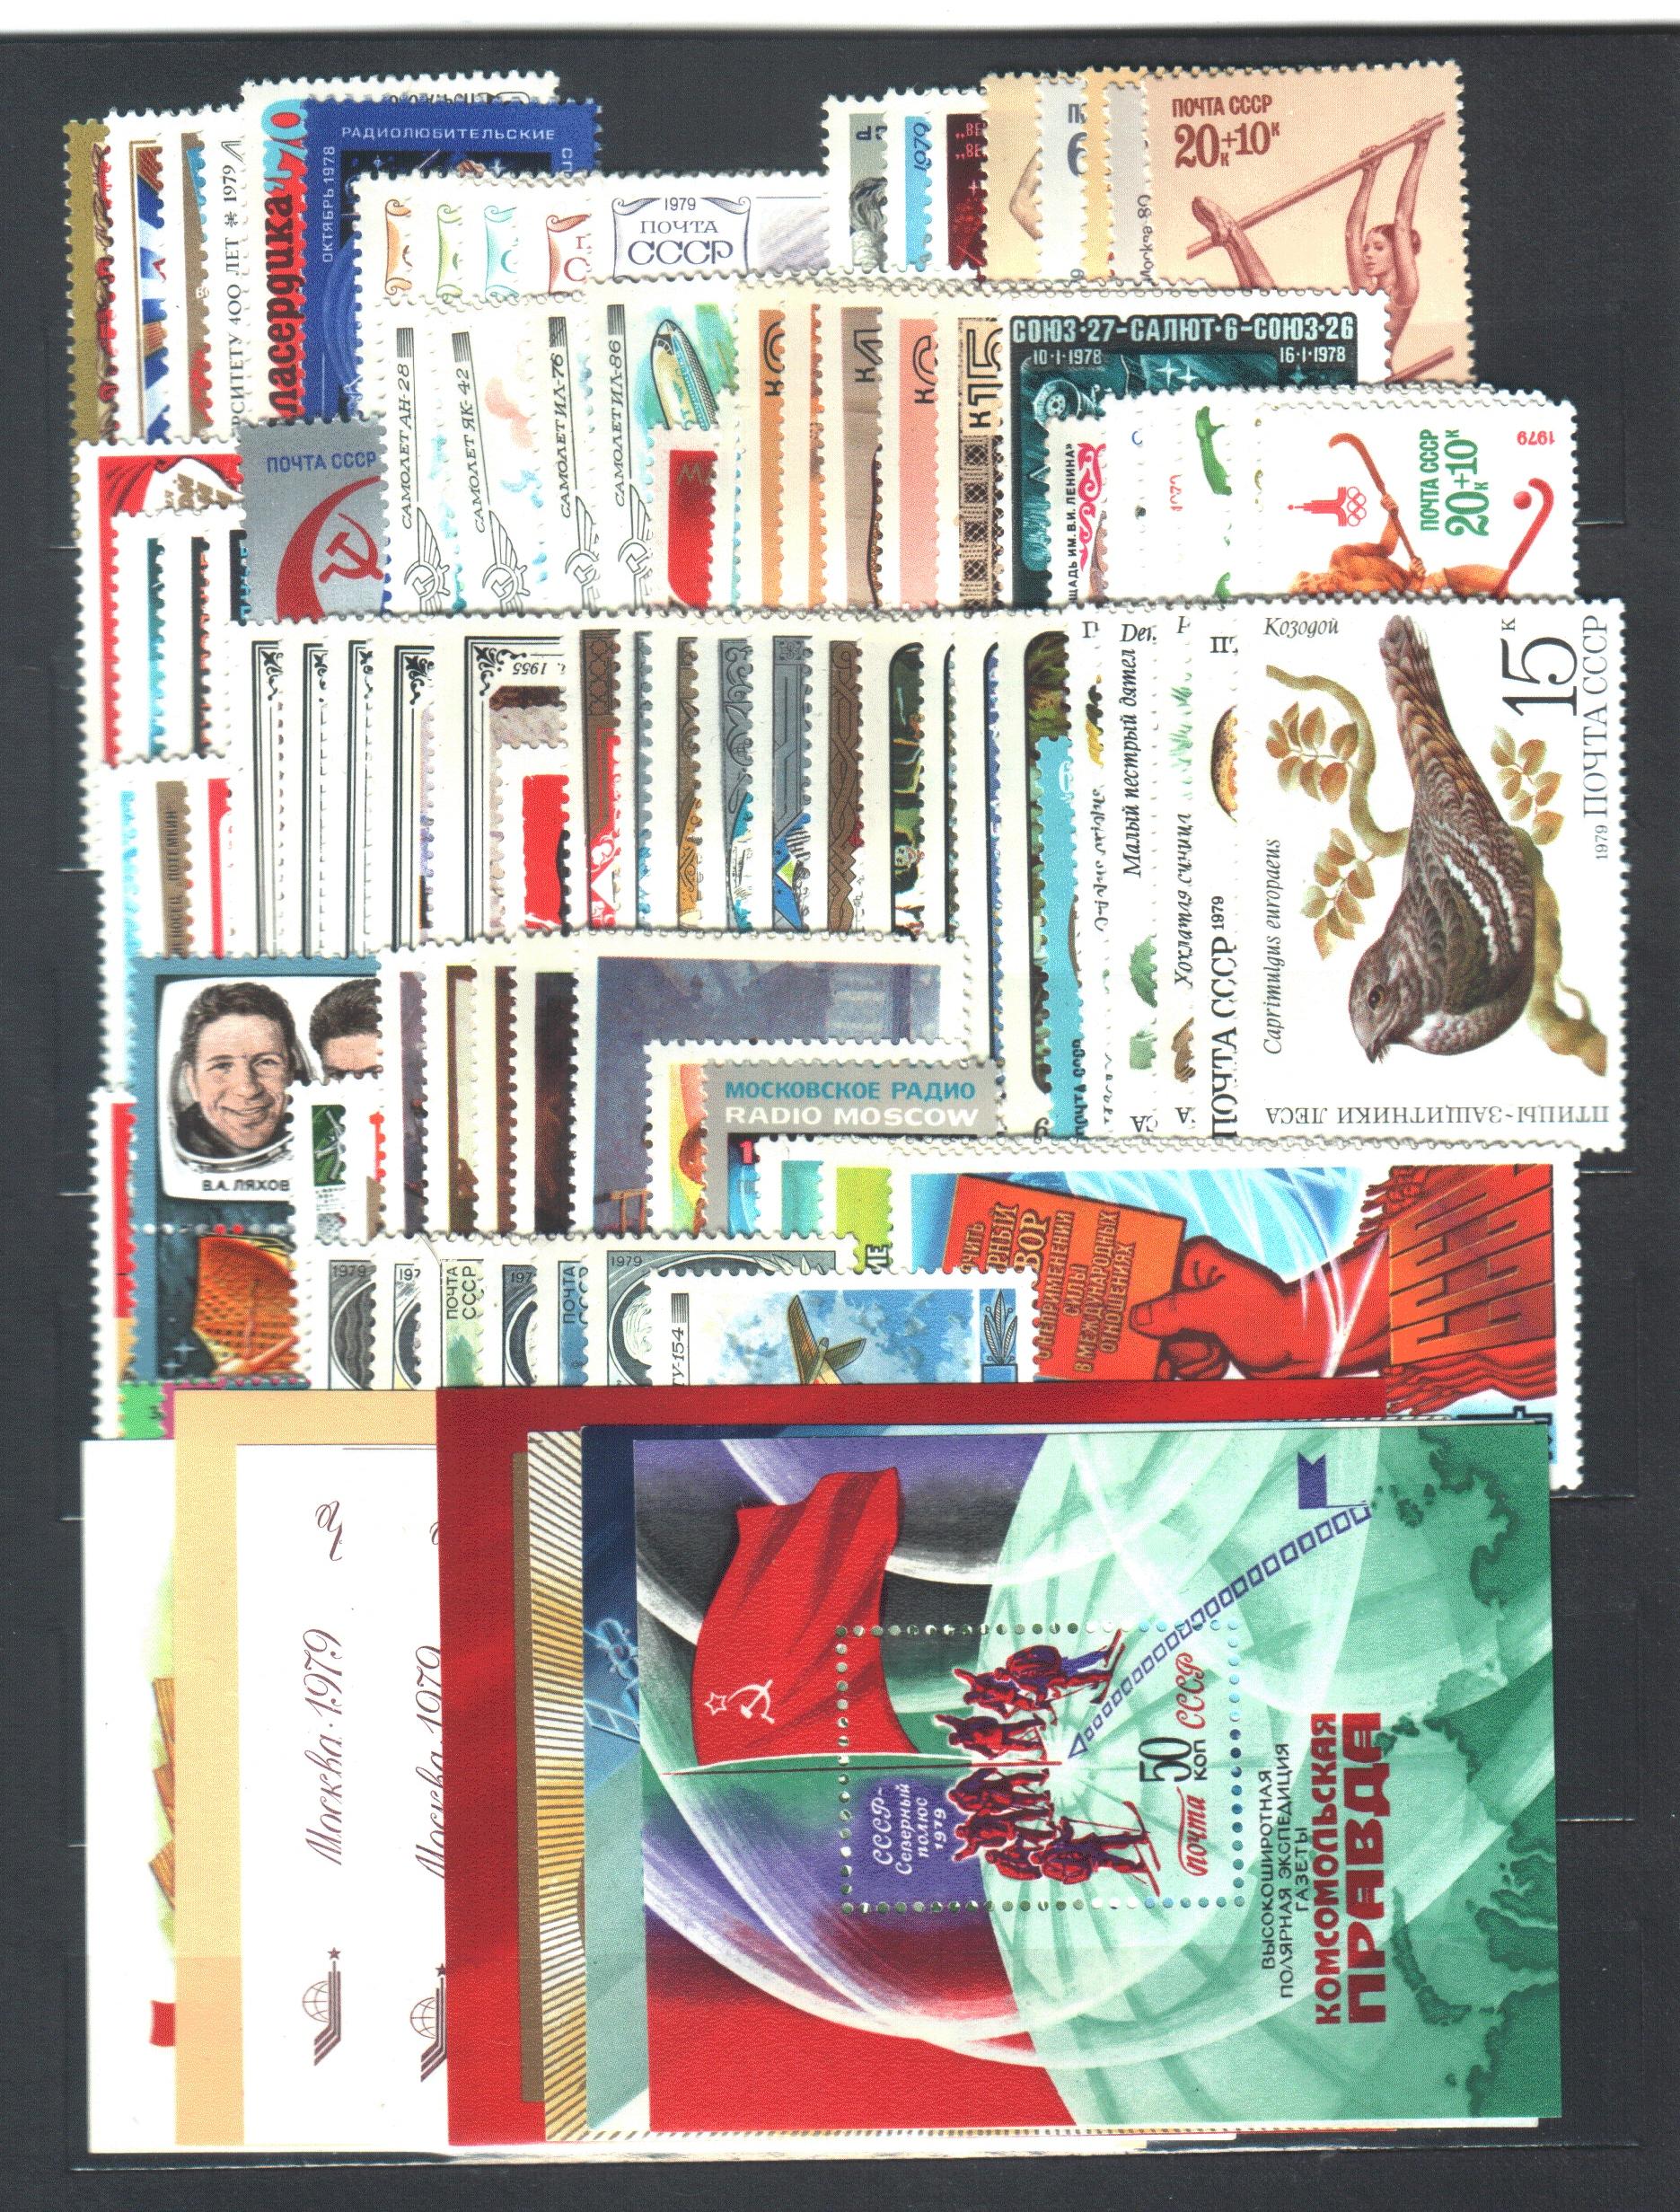 Годовой набор почтовых марок СССР 1979 год, 92 почтовых марки, 8 почтовых блоков